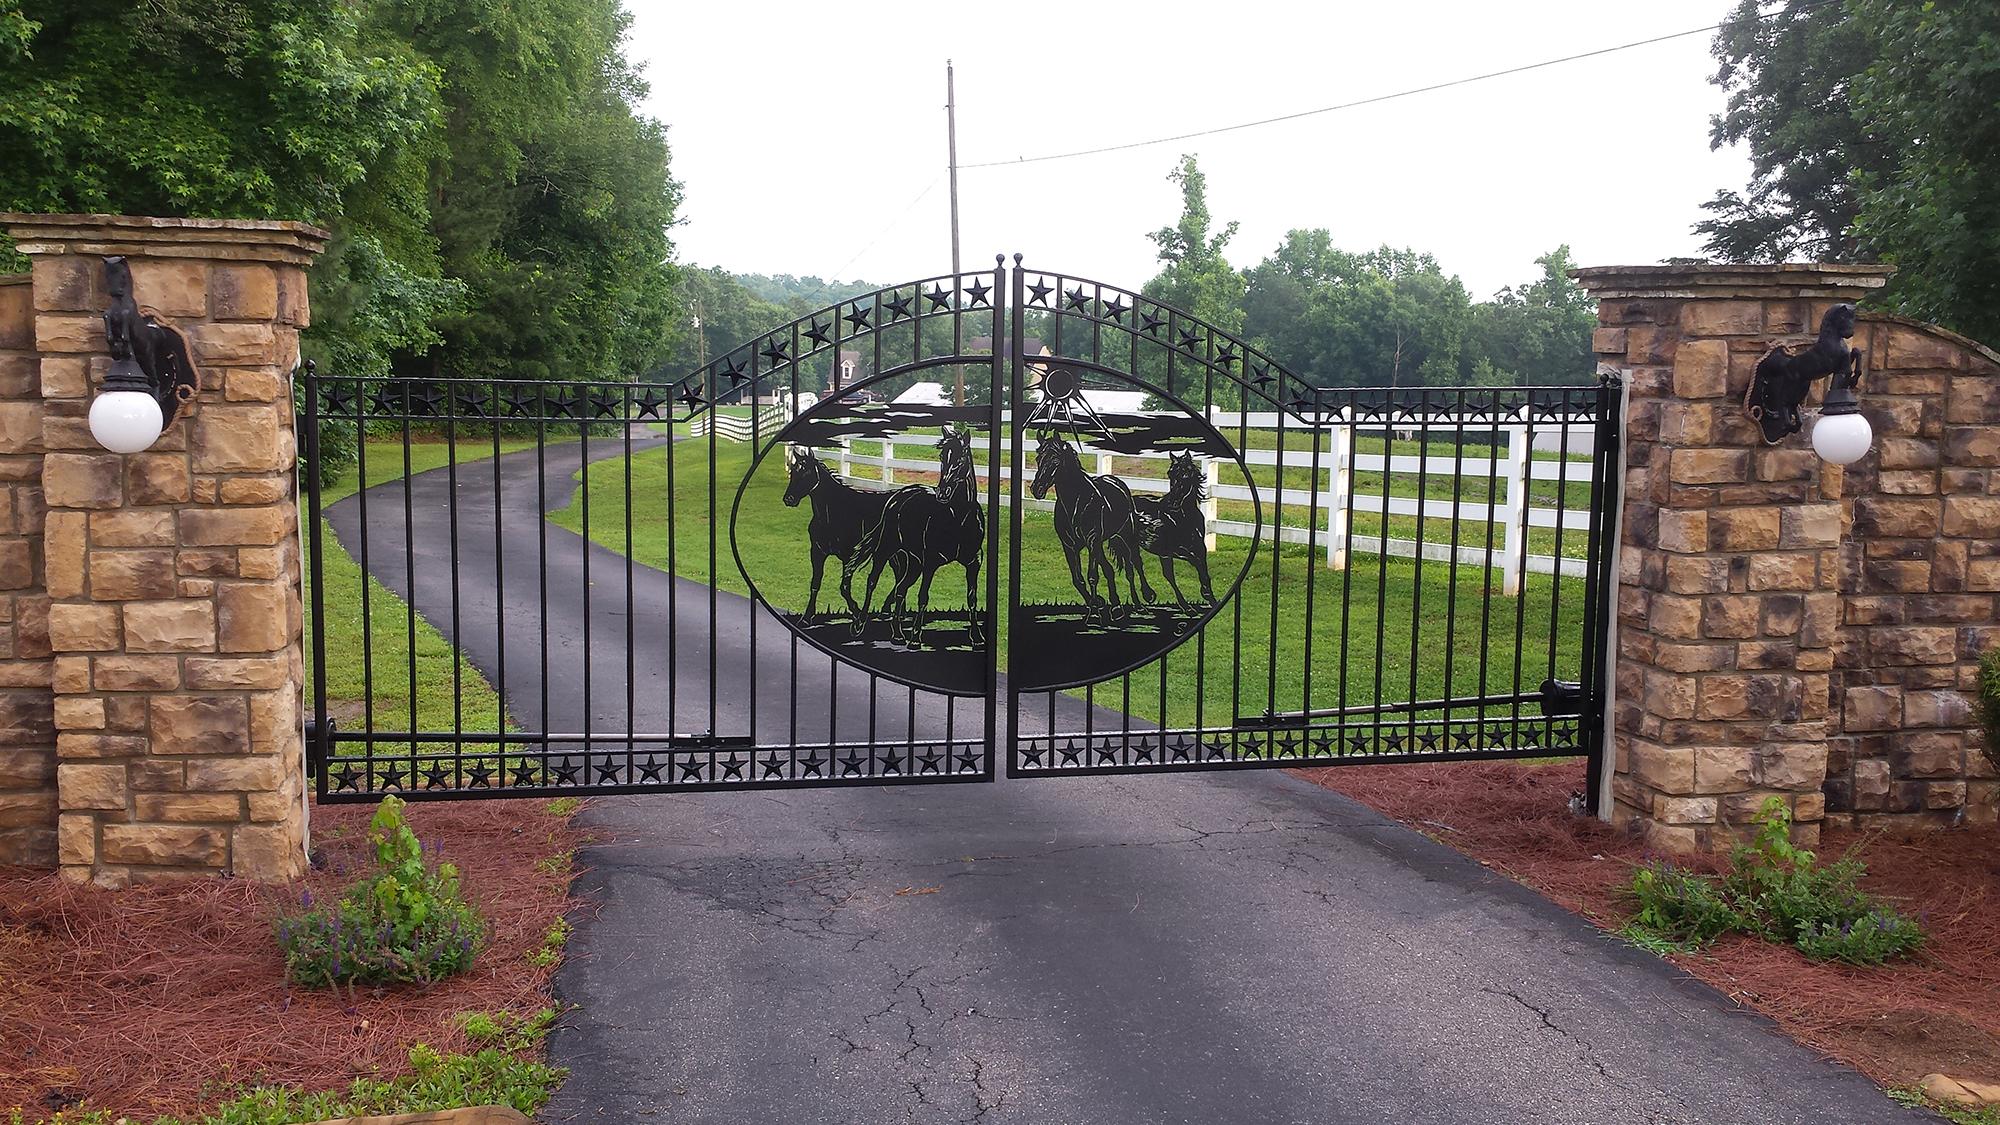 Exquisite Fence